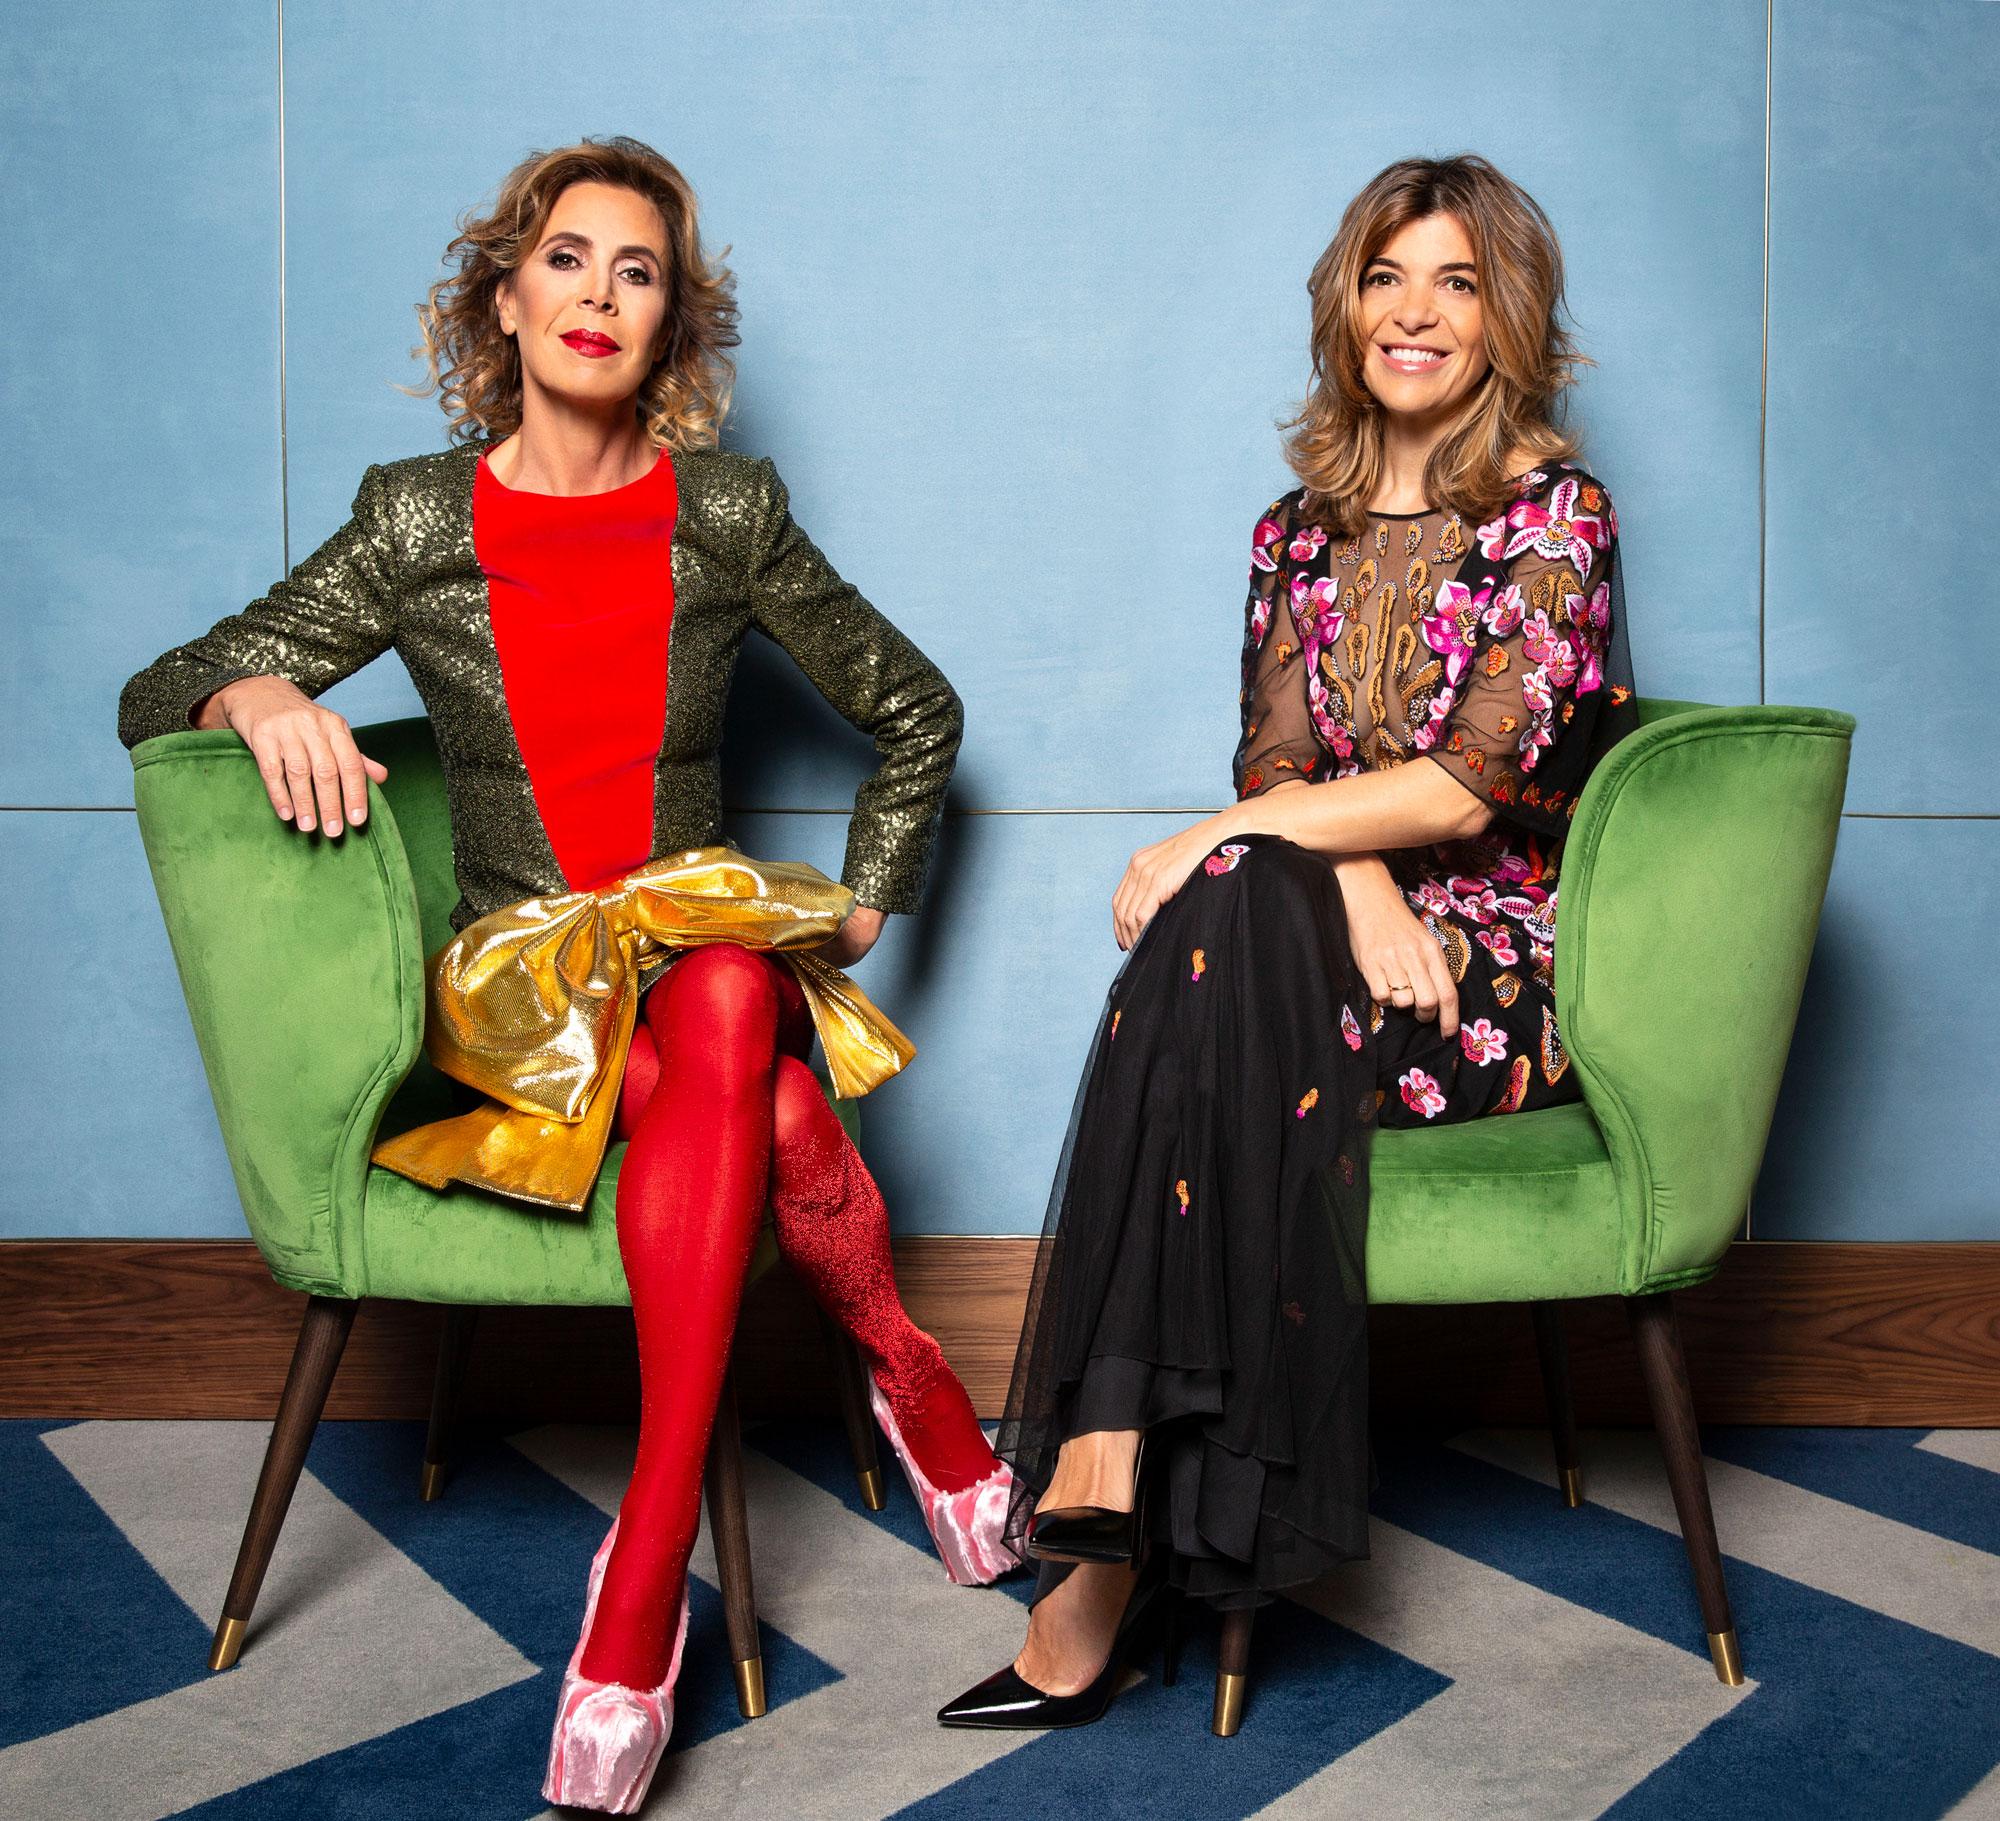 Ágatha Ruiz de la Prada y Xandra Falcó.  (Foto: Olga Moreno)